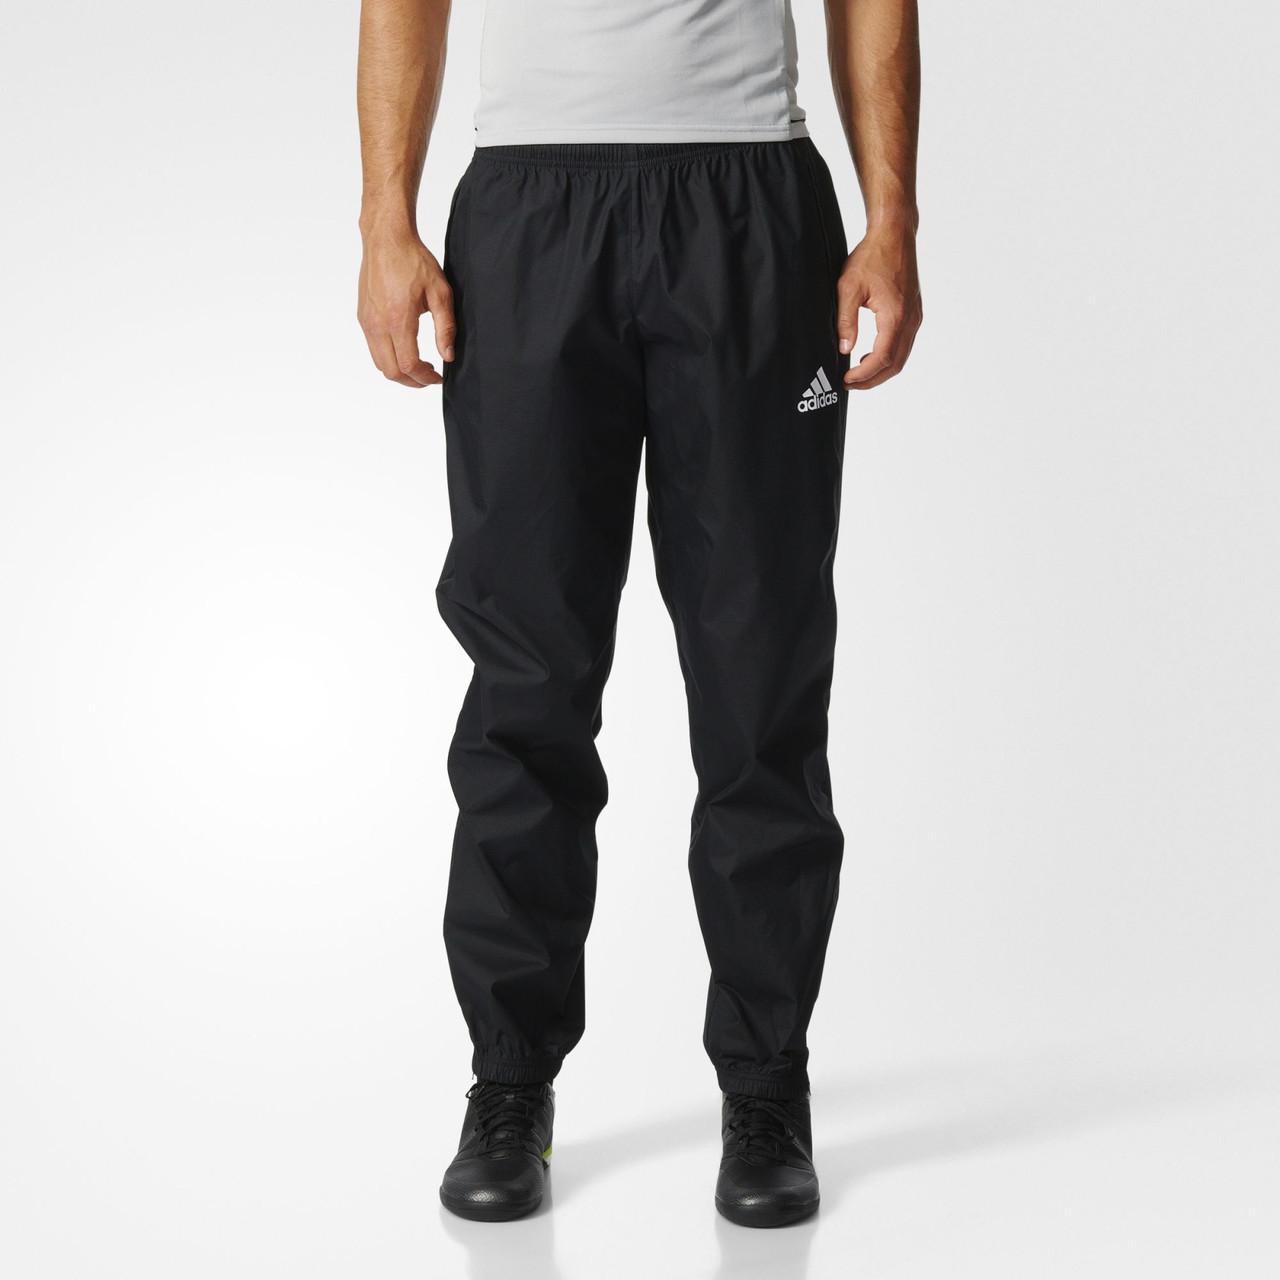 Мужские брюки Adidas Performance Tiro 17 RN PNT (Артикул: AY2896)